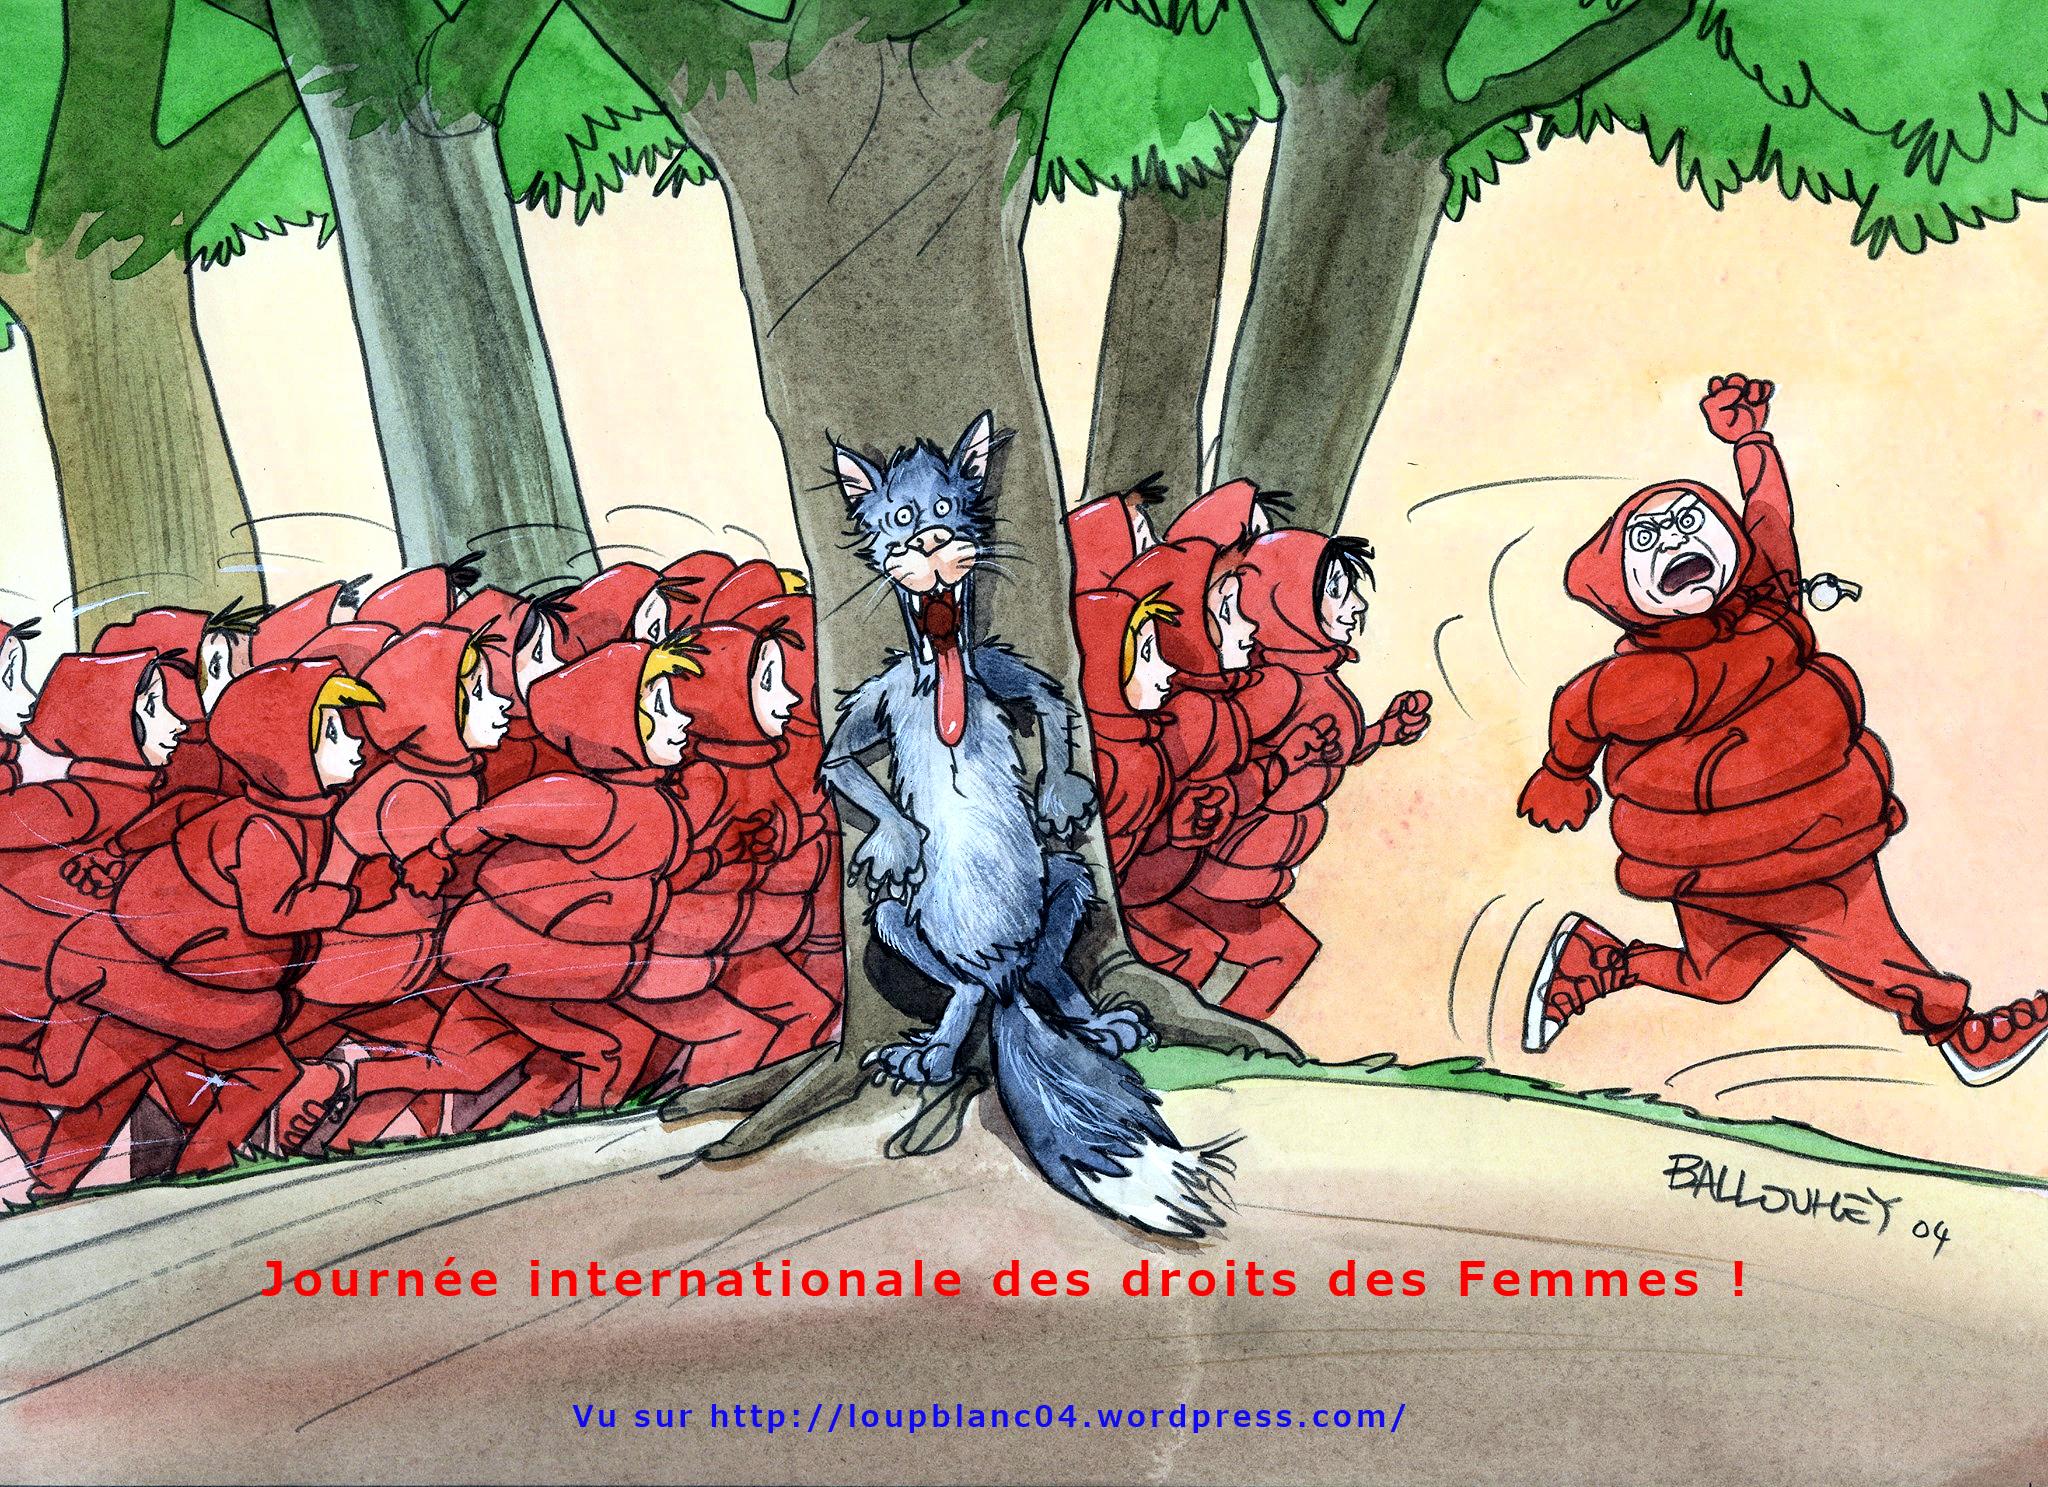 Journée internationale des droits de la Femme du LB04